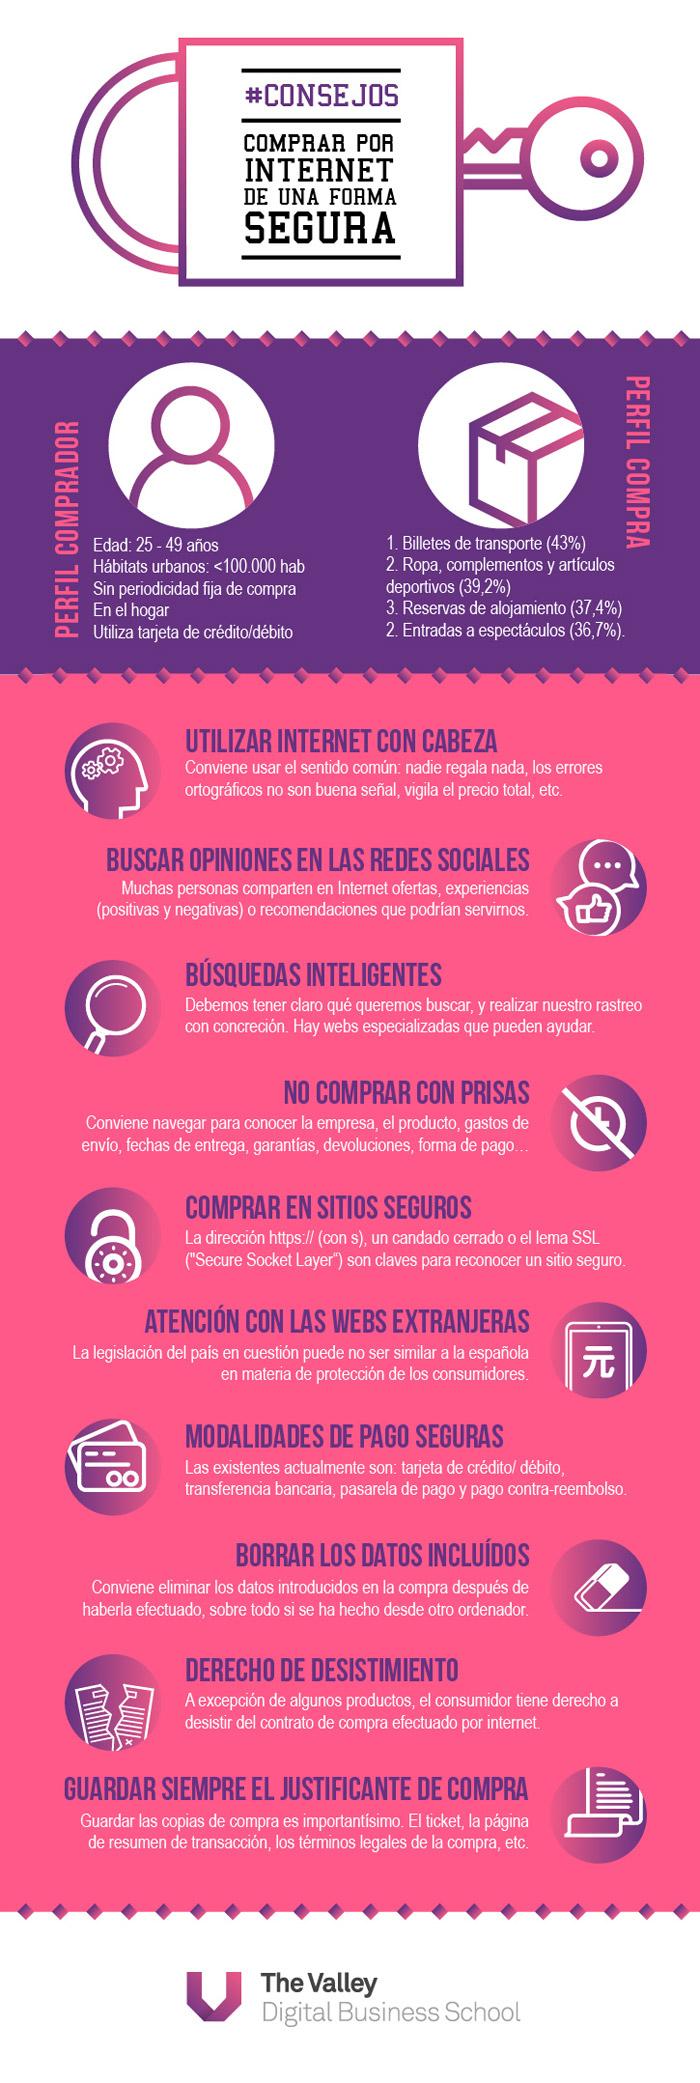 Infografia_Consejos_TheValley-03